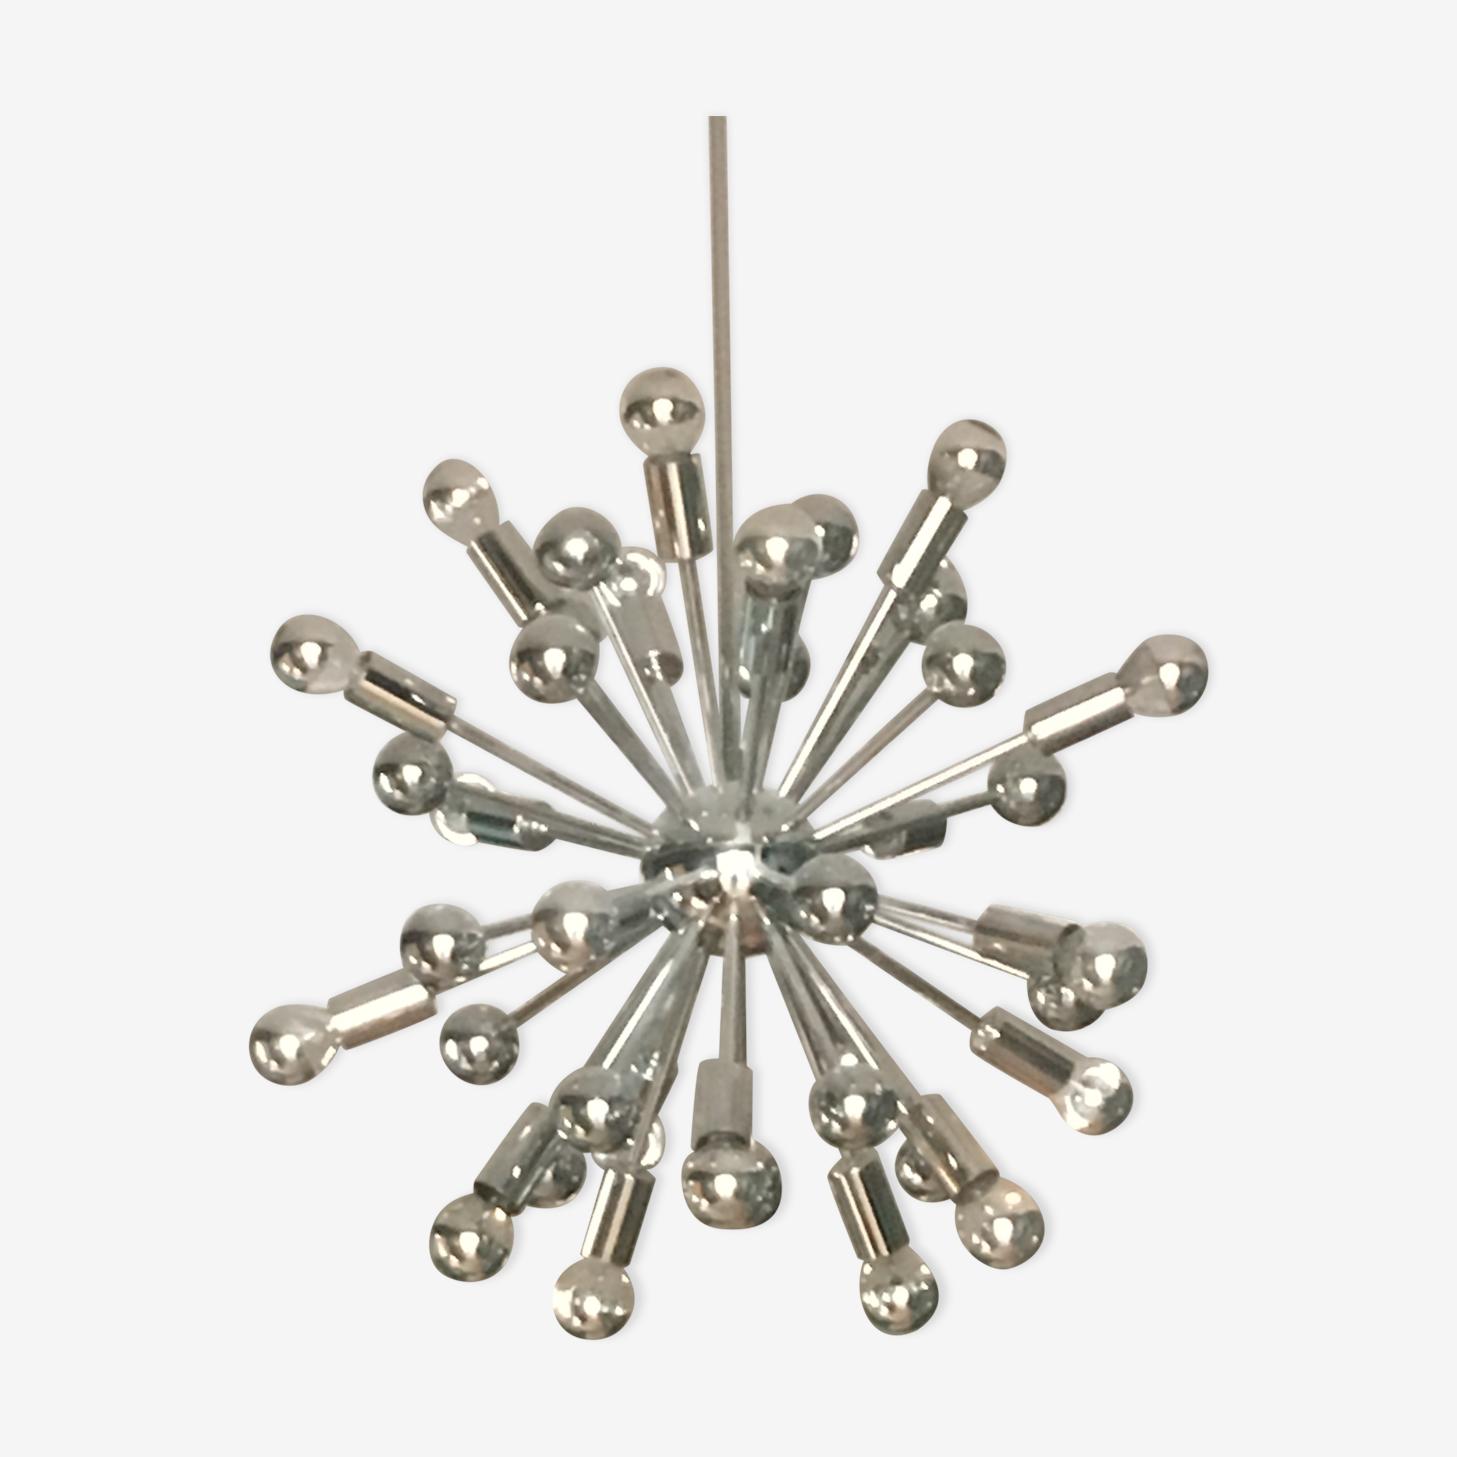 Suspension Spoutnik en métal chromé original des années 60